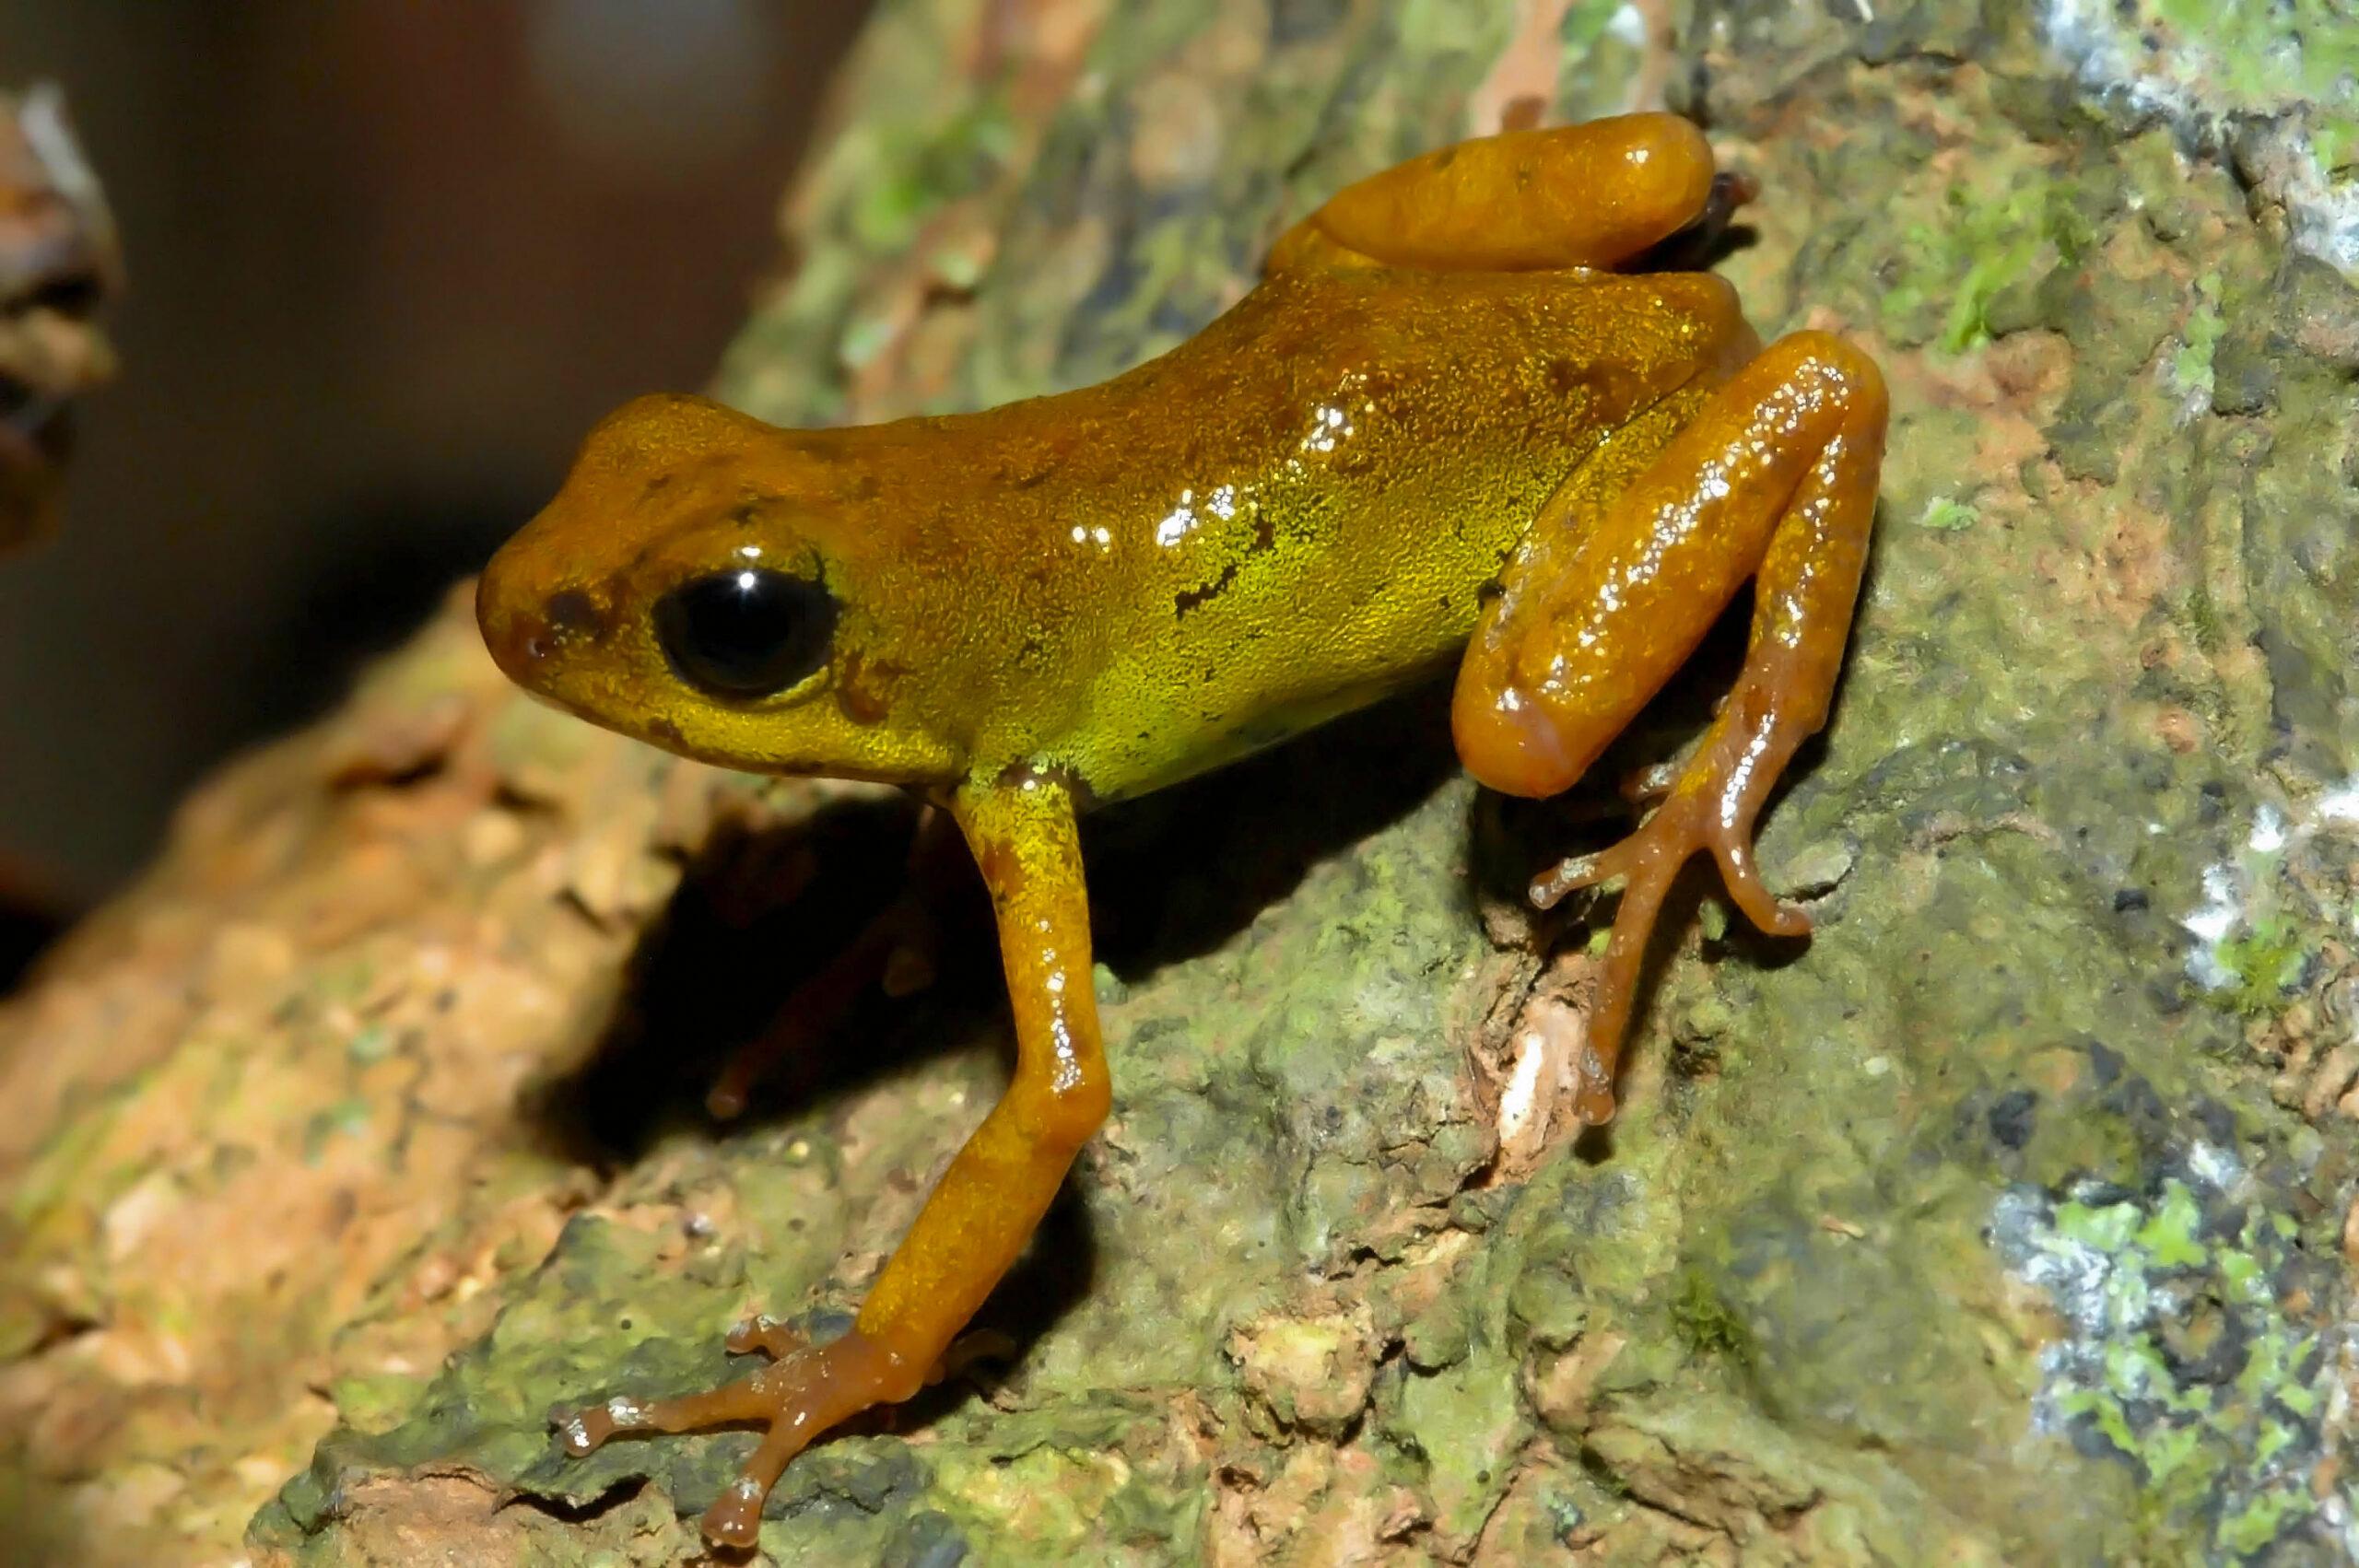 Oophaga pumilio from Isla Pastores, Bocas del Toro, Panama - by J. Van der Meulen.